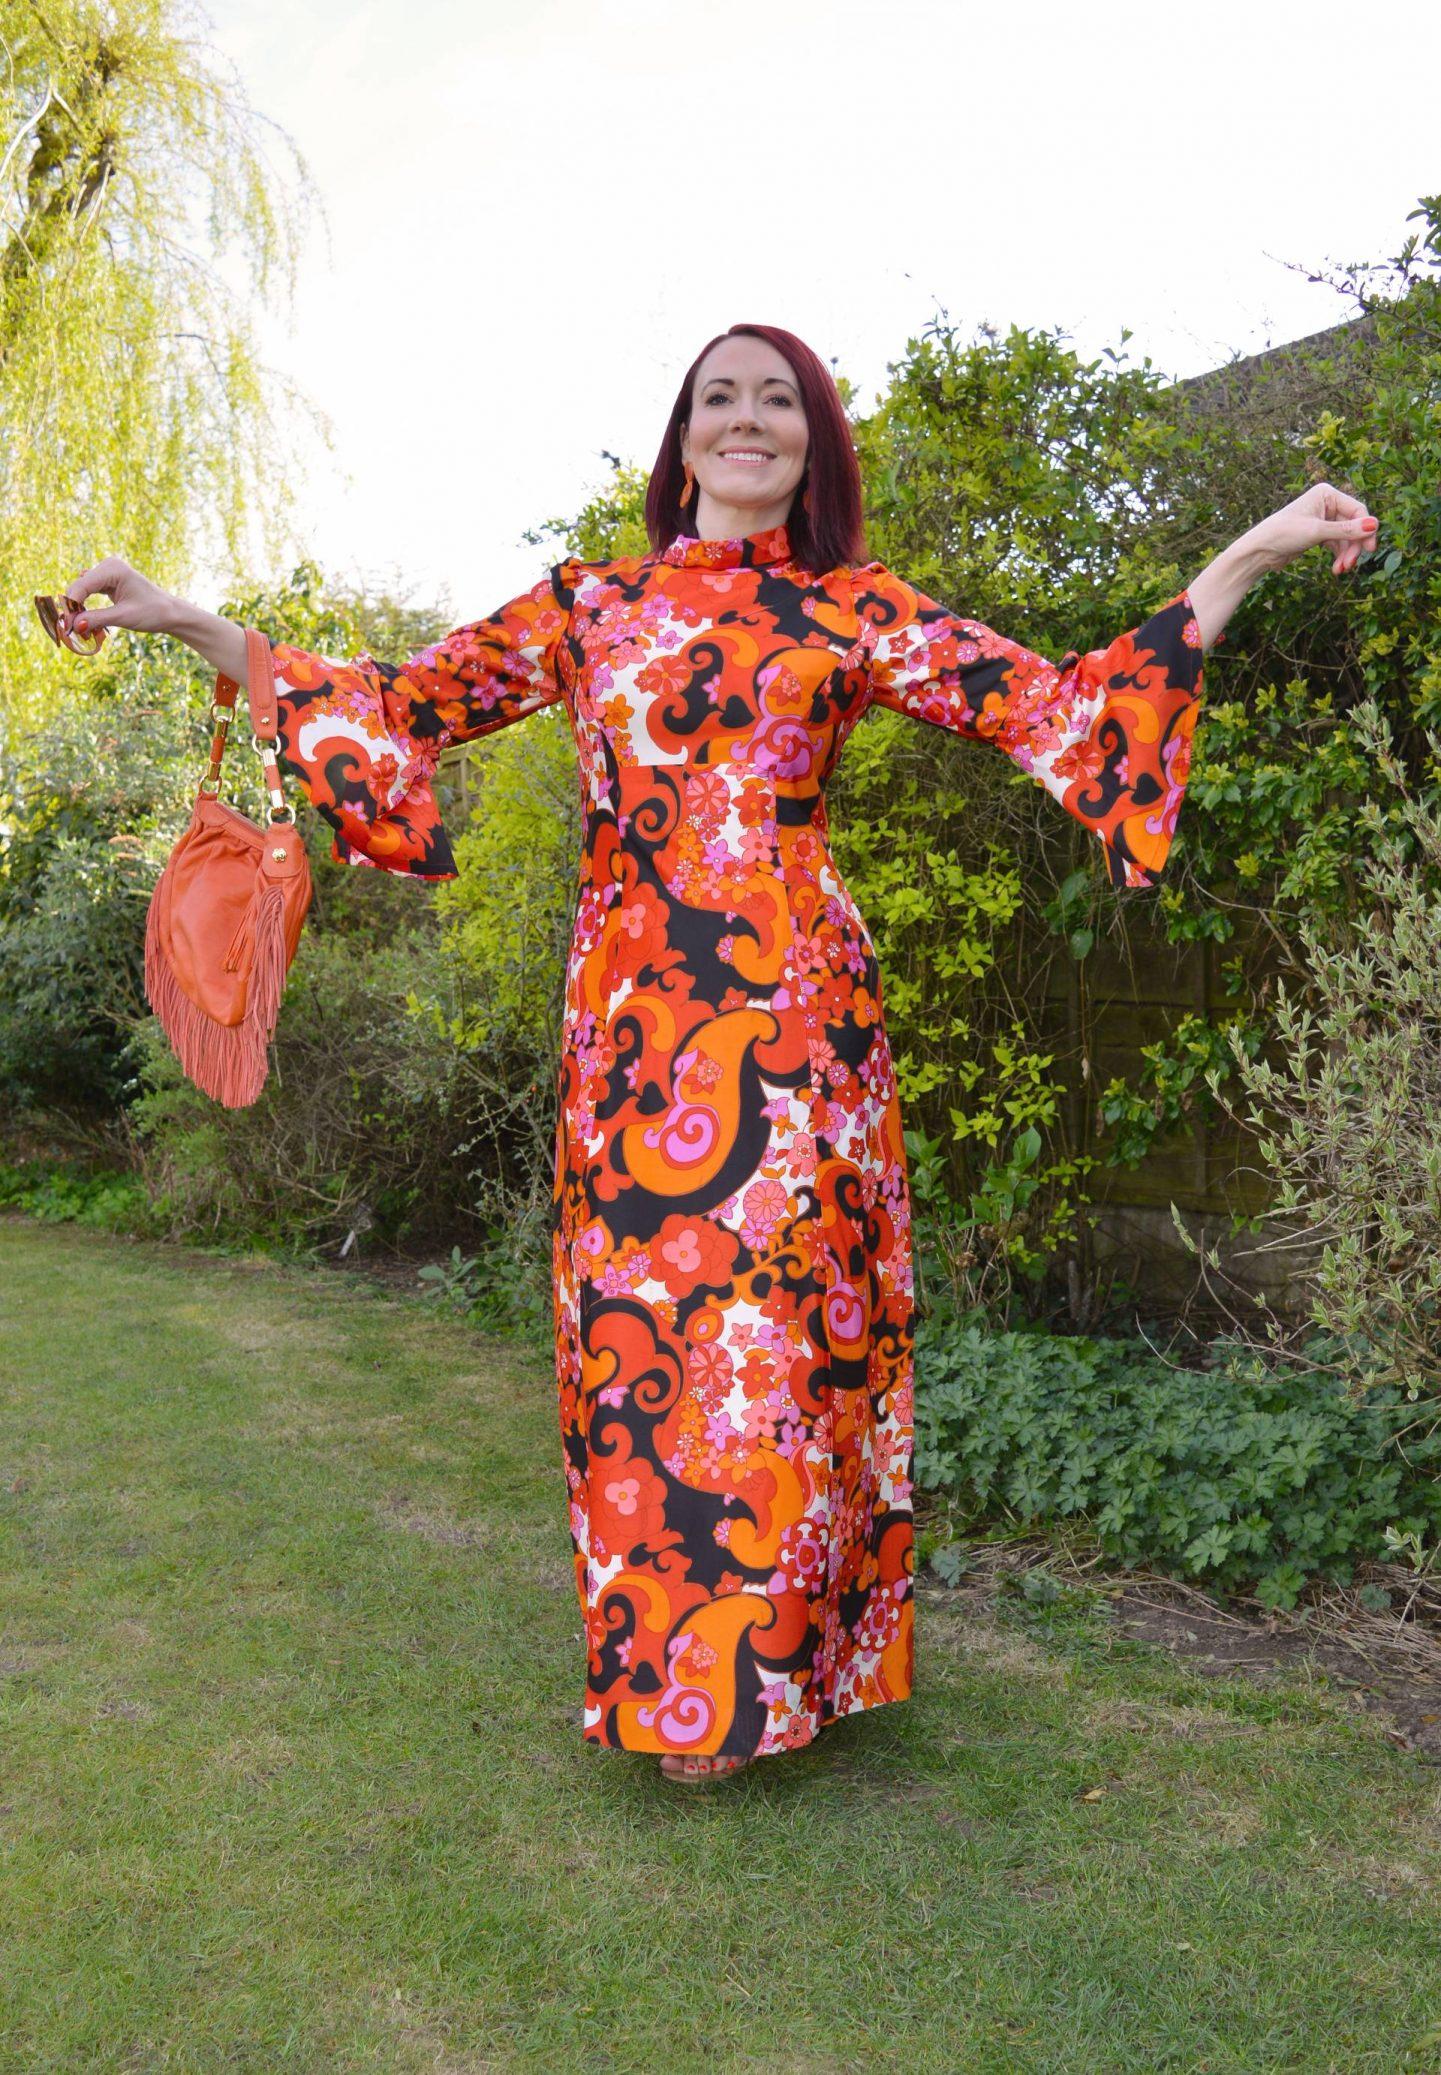 Vintage flared sleeve dress, Modalu orange fringed bag